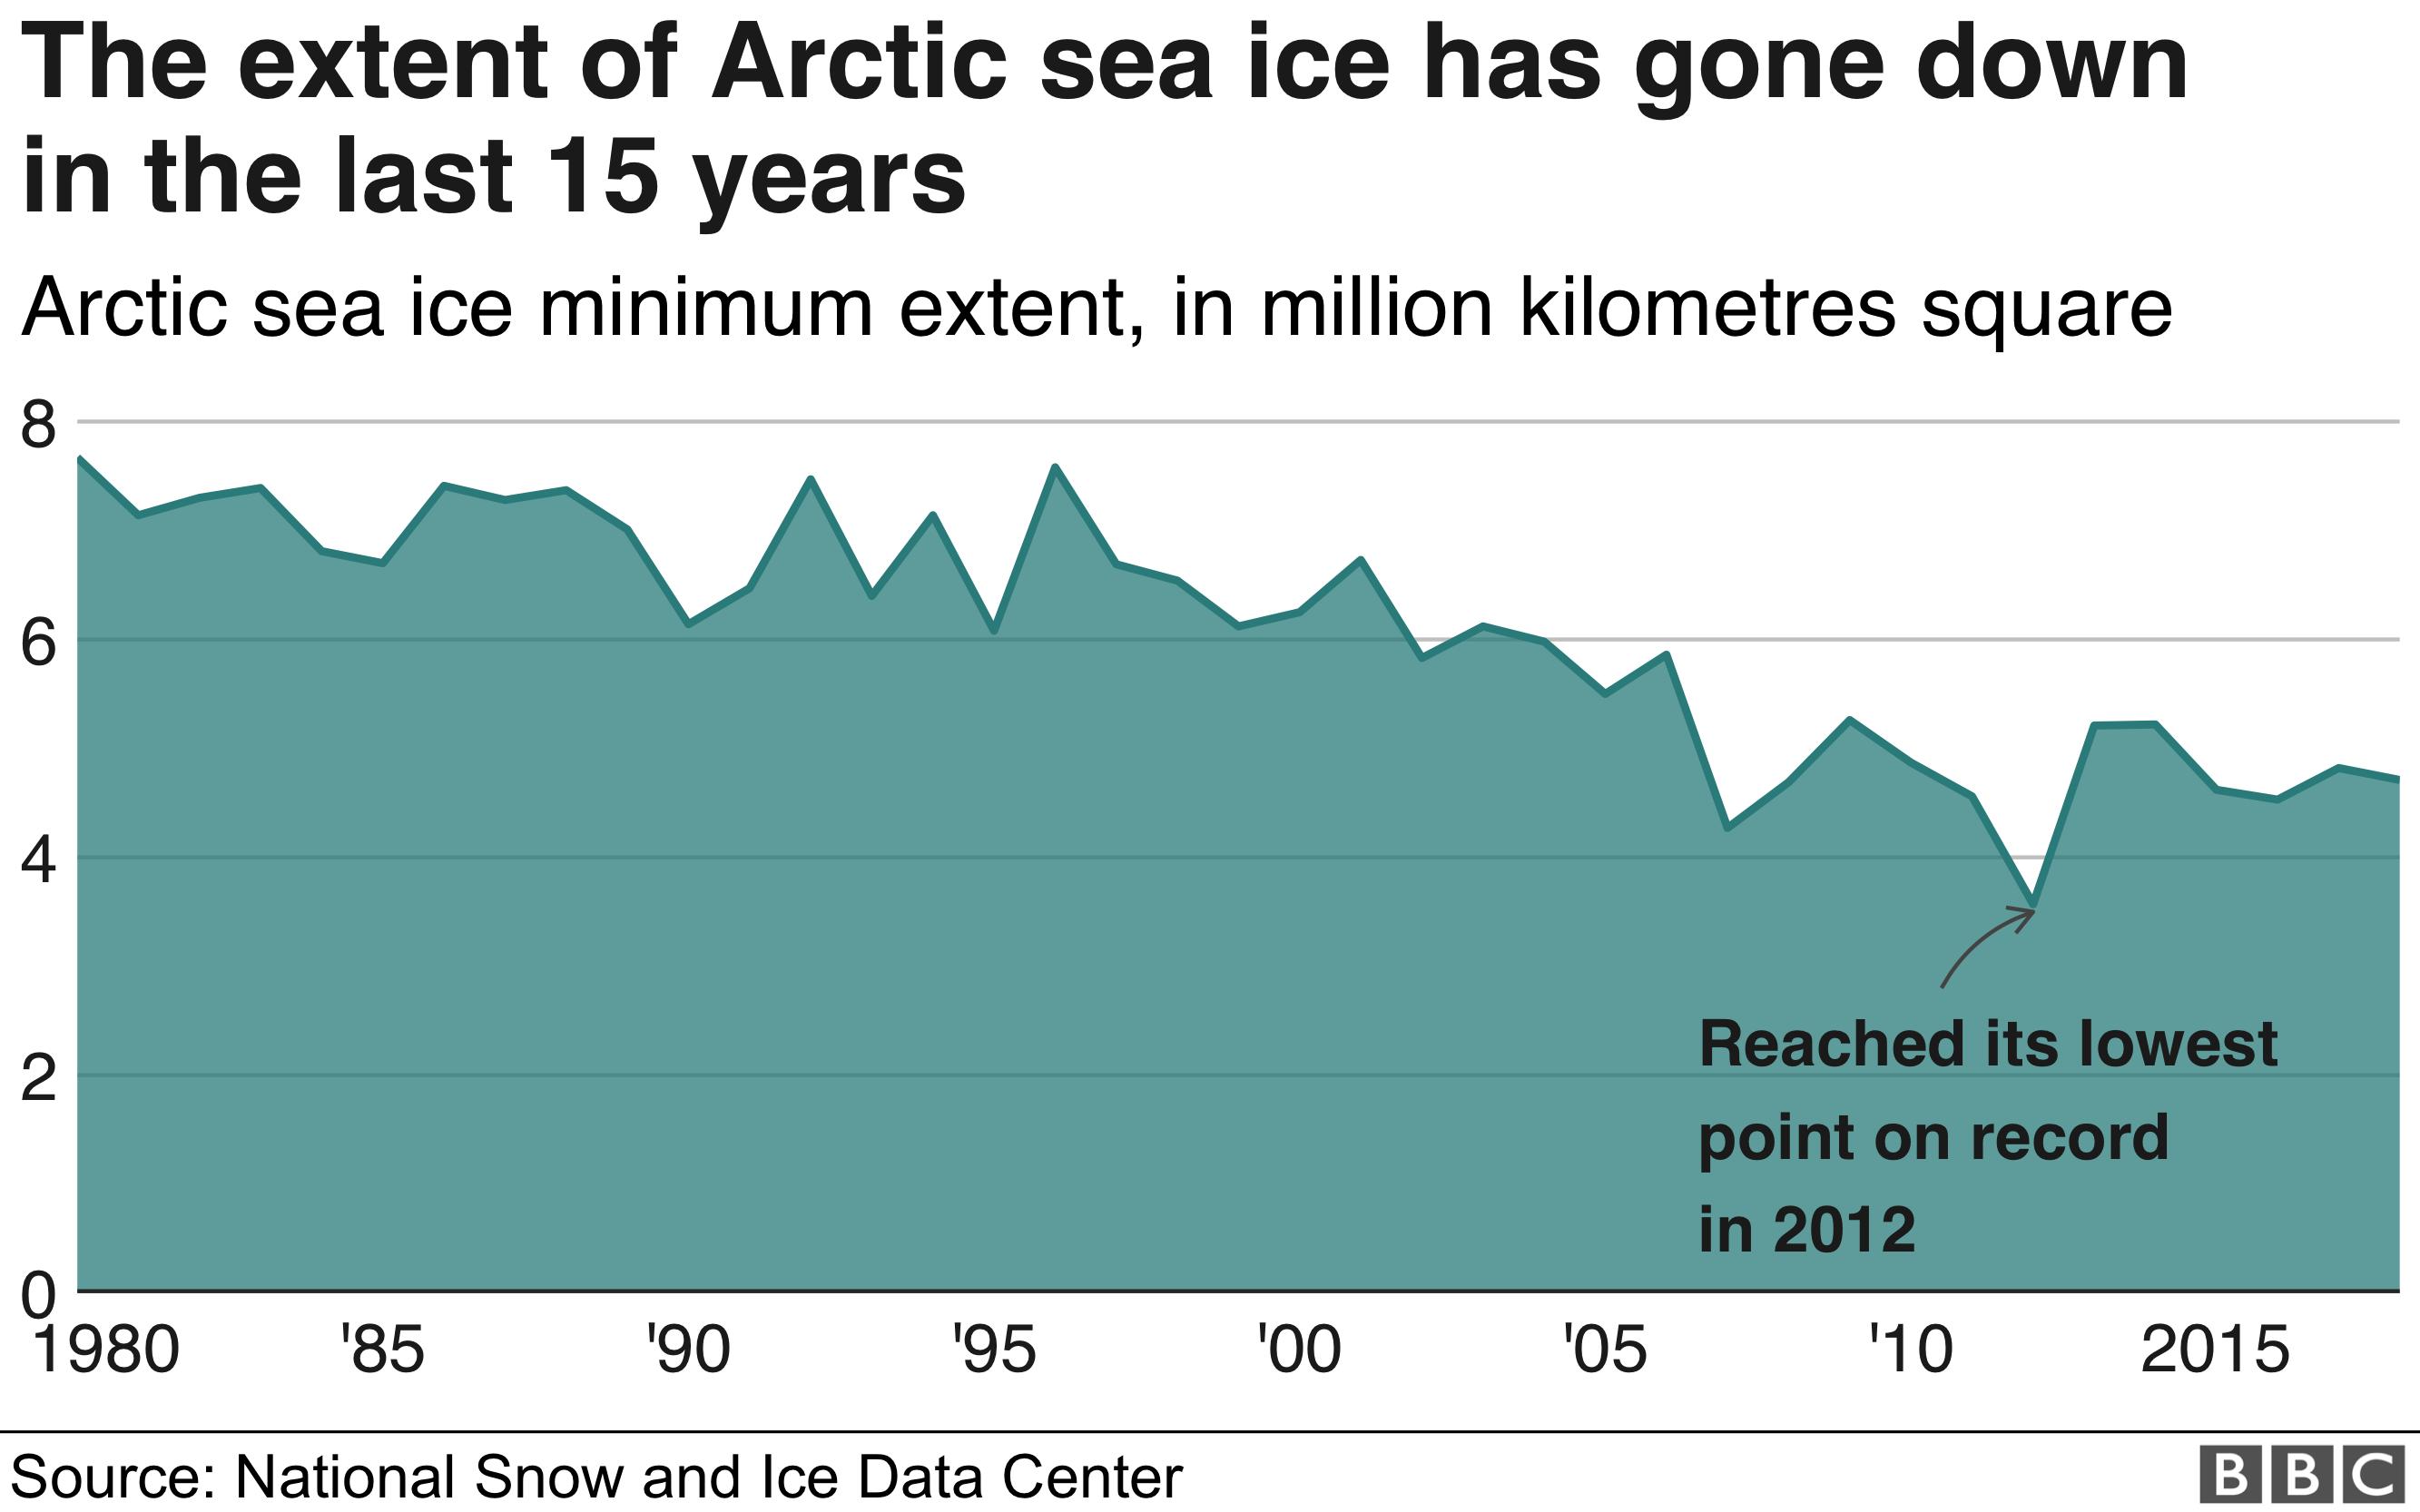 北極海に浮かぶ氷の面積は過去15年で減少傾向